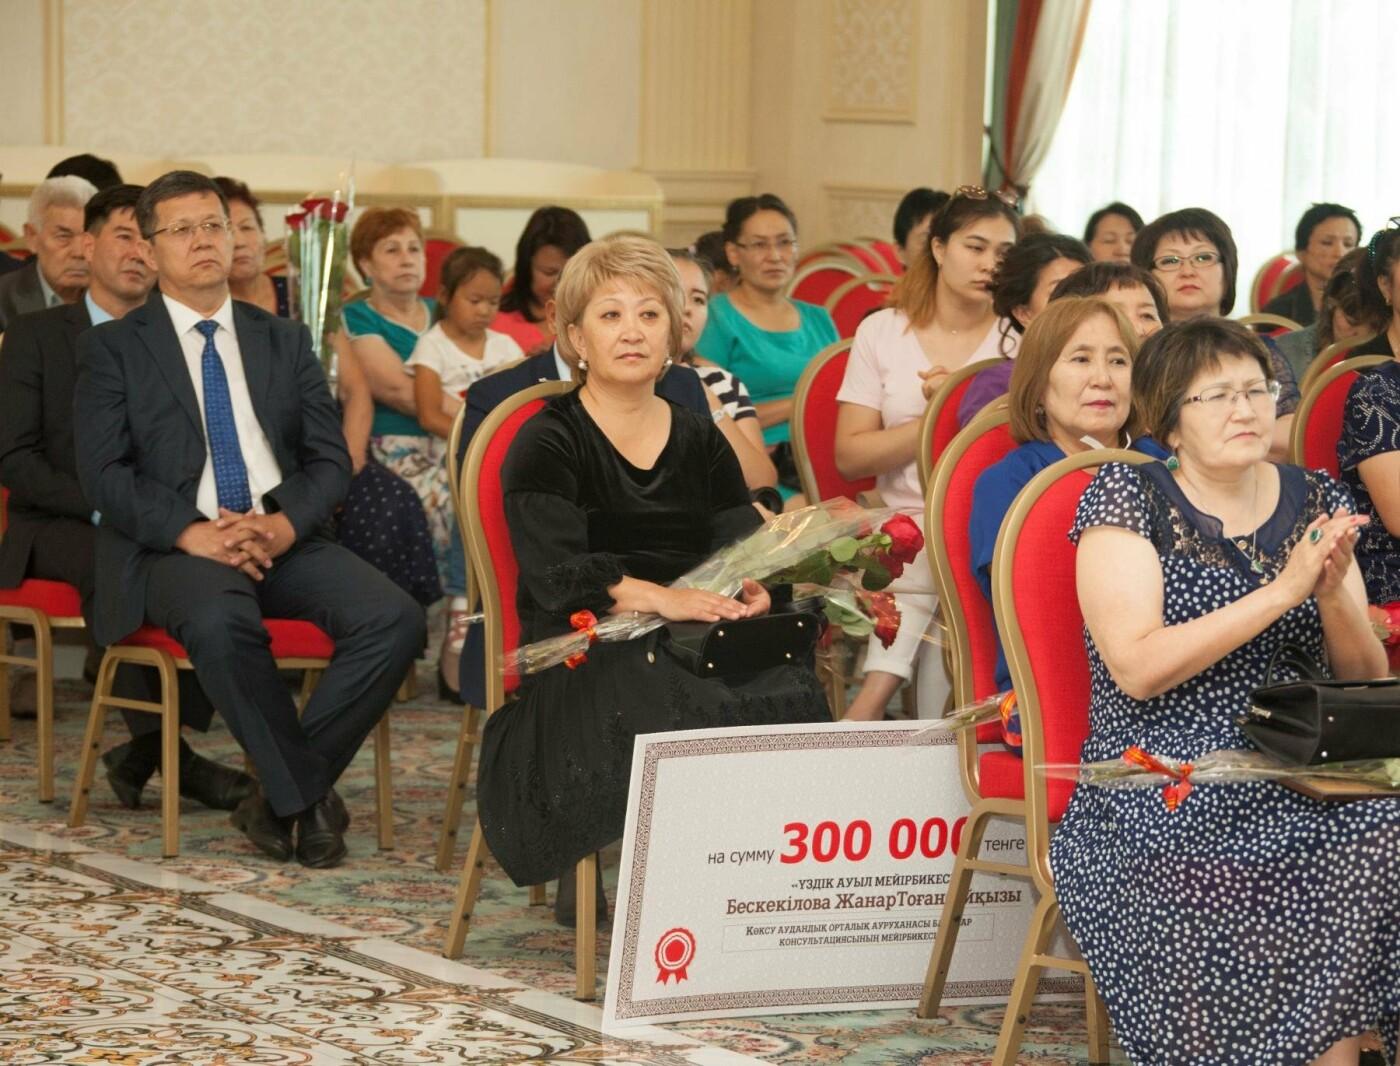 Один миллион тенге к празднику: в Талдыкоргане наградили лучших медиков, фото-1